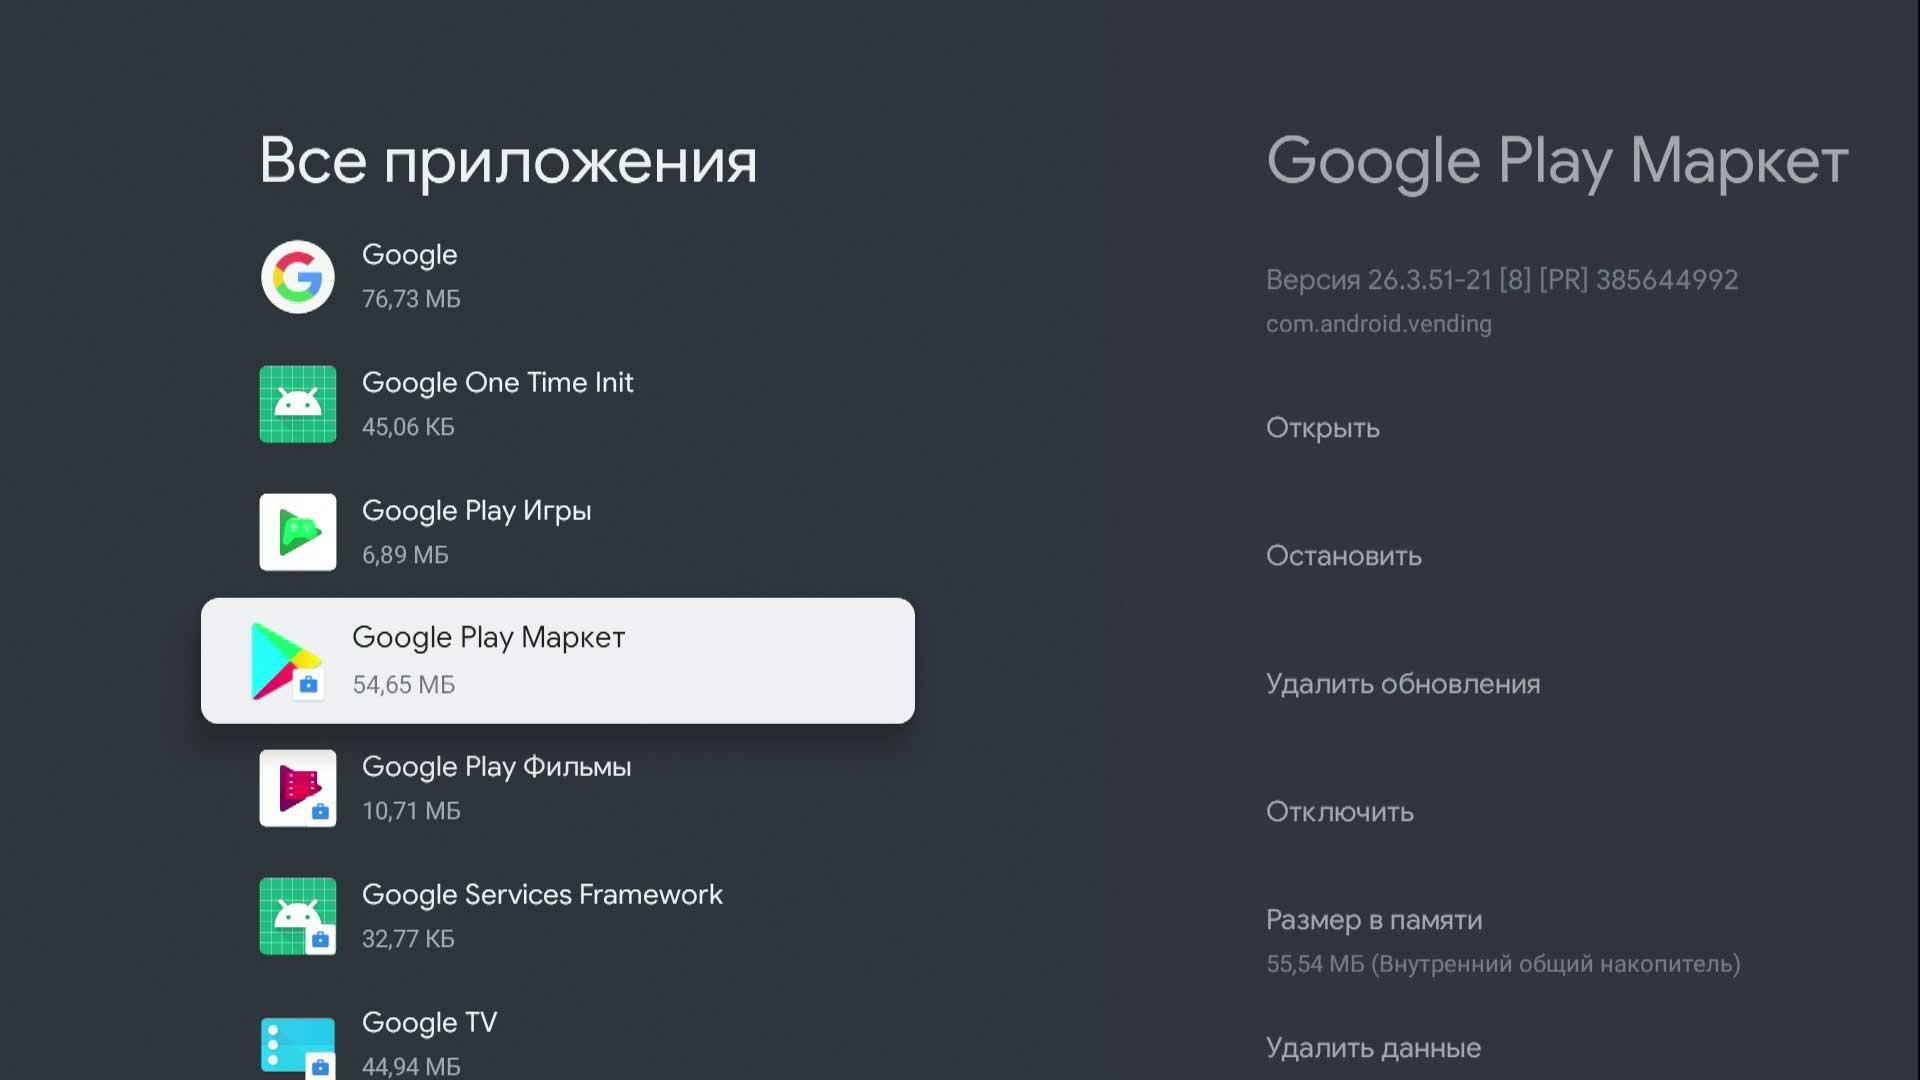 Приложение Google Play Market